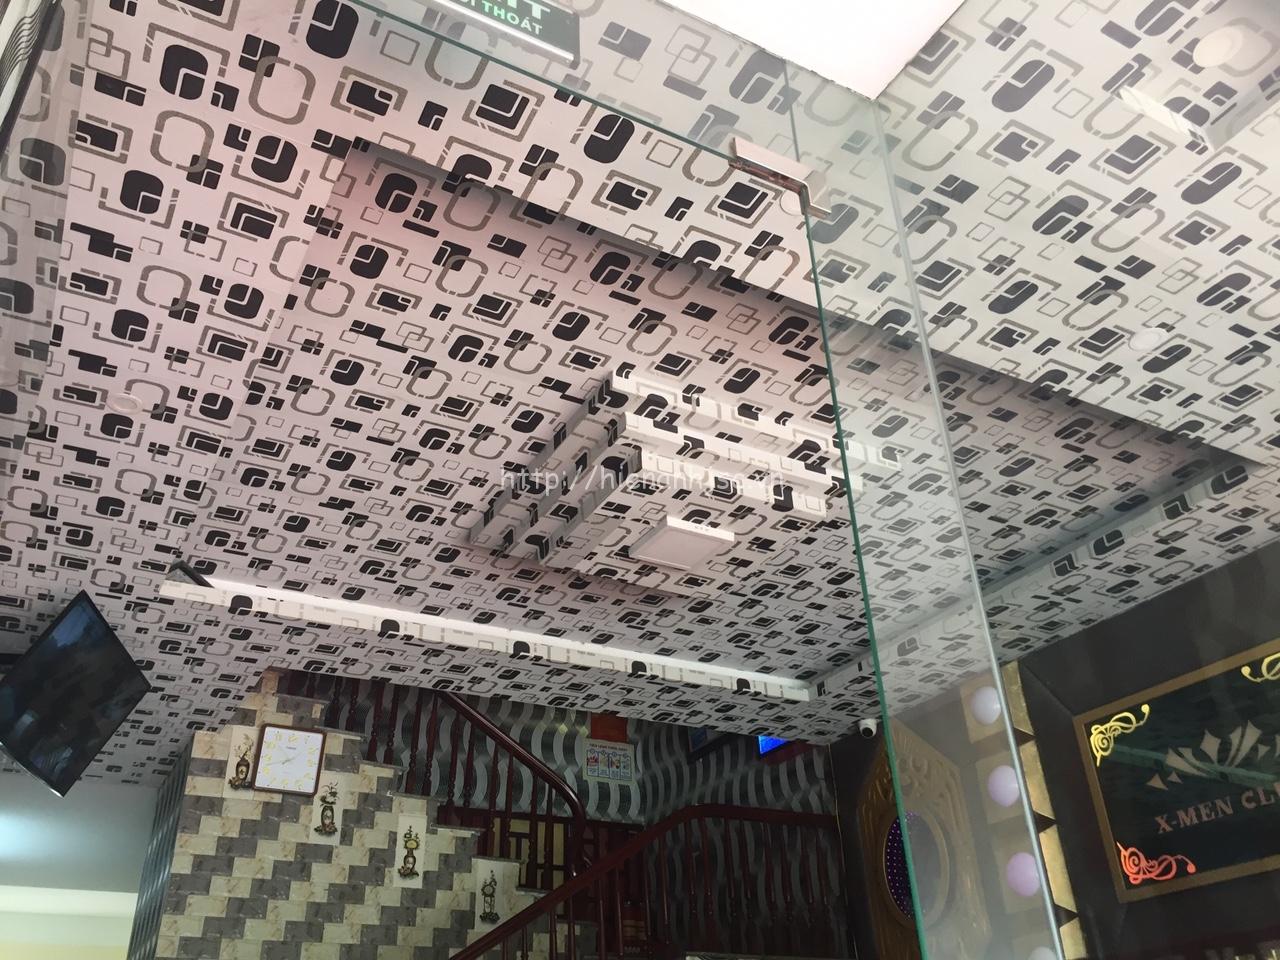 Thi công giấy dán tường quán karaoke tại quận 3 TPHCM